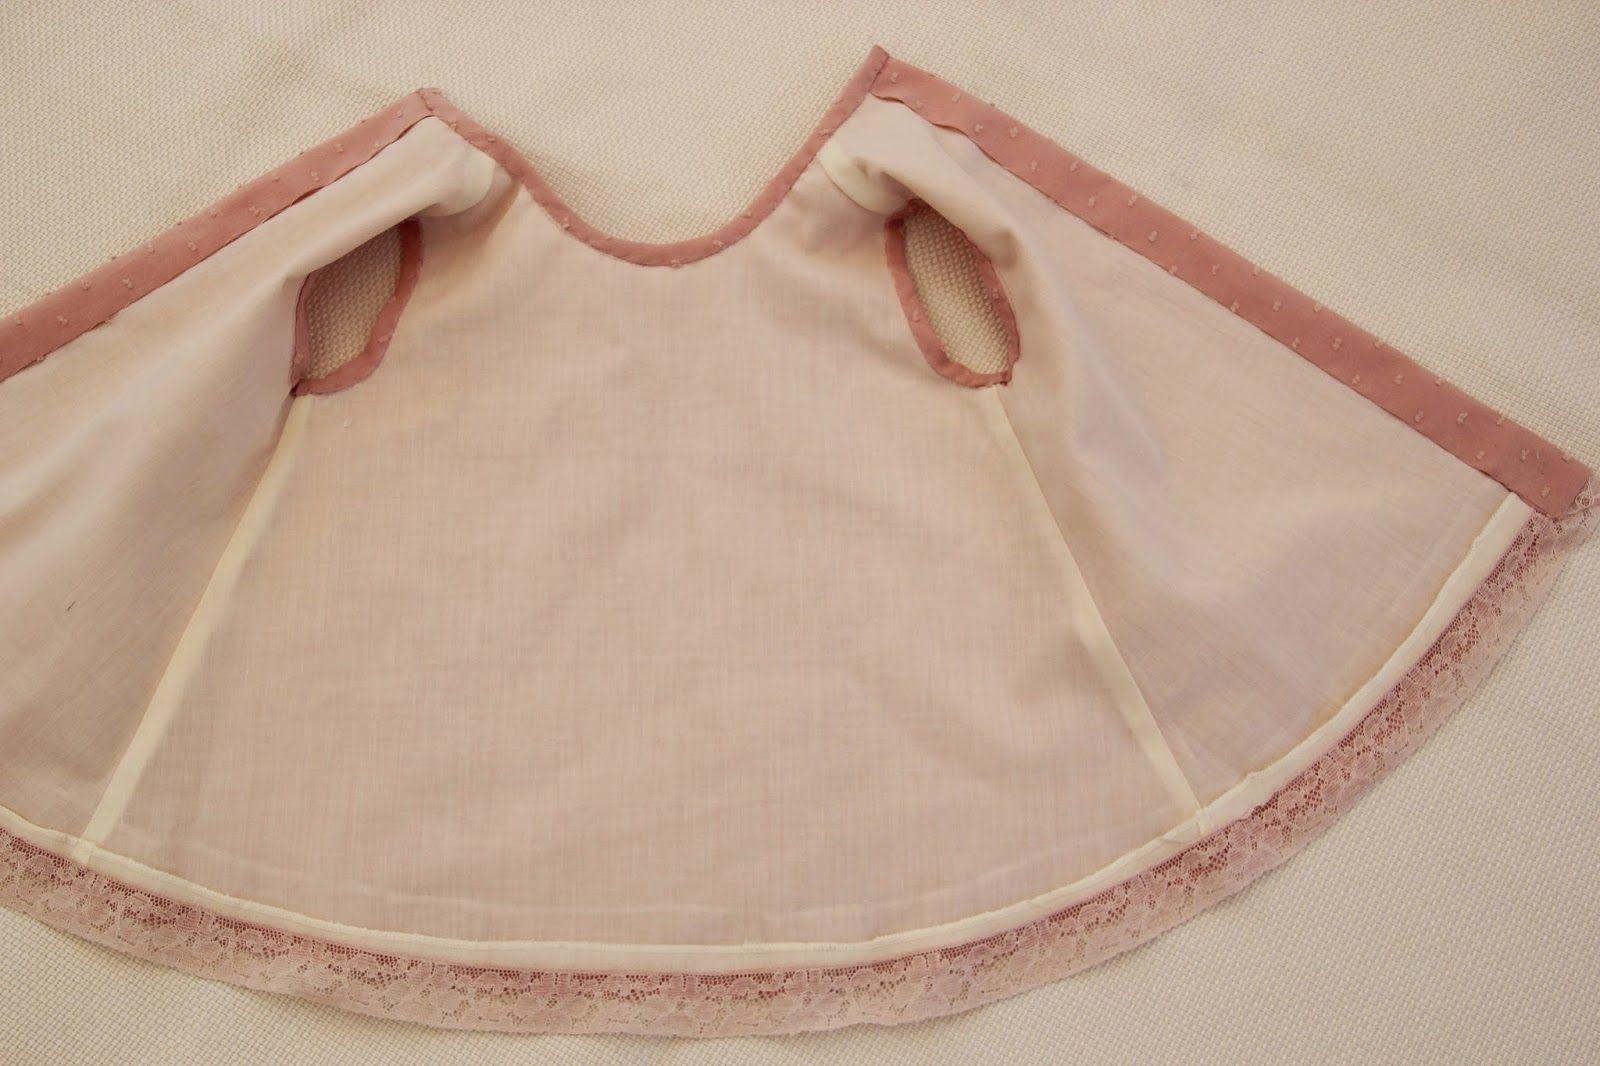 DIY Cómo hacer vestido de niña forrado muy fácil patrones gratis moldes  gratis 92b4c380262